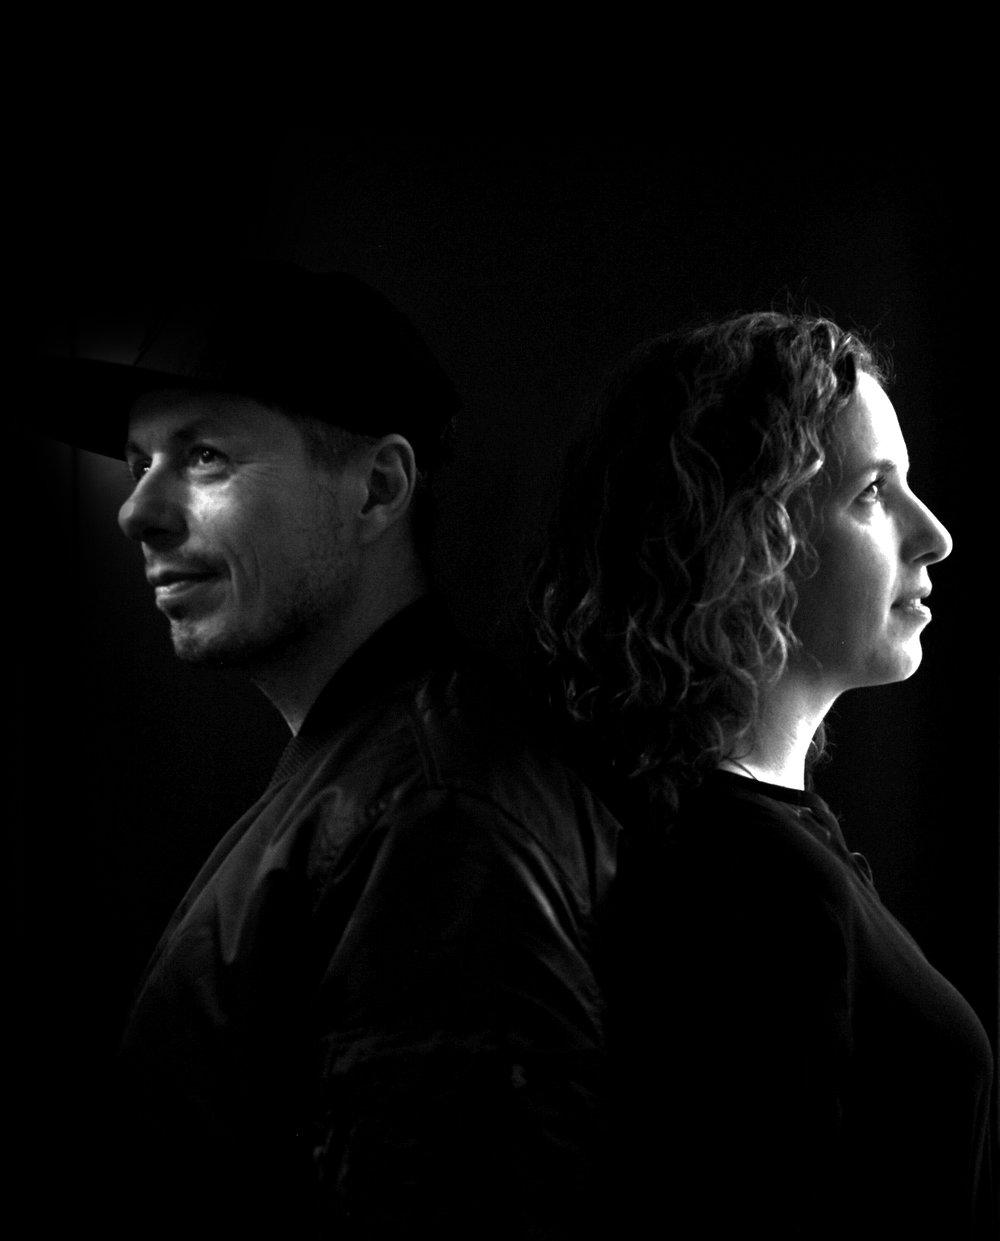 """Michi & Uli Beck - BECK TO BECK, das sind meine Frau Uli und ich. Wir legen unter diesem Namen als DJ Team seit ungefähr 8 Jahren Musik auf. Daher auch der Name BECK TO BECK, ein naheliegendes Wortspiel aus unserem Nachnamen, und dem Dj Begriff """"back to back"""", der so viel bedeutet, wie abwechselnd Songs auf zu legen, aber auch sich gegenseitig zu inspirieren, individuelle Ideen zu einem größeren Ganzen werden zu lassen, einen gemeinsamen Vibe zu kreieren…Die Idee unter diesem Namen auch Mode zu machen kam von Uli. Sie hat mich immer wieder motiviert, das, was mich neben der Musik am meisten definiert, nämlich eine gewisse Konsequenz in Stil und Geschmack, auch einmal selbst umzusetzen. Eigene Ideen und Vorstellungen zu verwirklichen und zum Leben zu erwecken.In den vielen Jahre, in denen ich jetzt das Styling für meine Band """"Die Fantastischen Vier"""" übernommen habe, in denen ich mich intensiv mit einer bestimmten Art Mode beschäftige, die wir sophisticated Streetwear nennen, in denen wir mit verschiedensten Brands kooperiert haben und Artwork zu meinem täglichen Geschäft gehört, war meine beste Beraterin eigentlich immer Uli.Sophisticated Streetwear bedeutet für uns nicht nur klares und eher minimalistisches Design, sondern vor allem auch perfekte Schnitte und überdurchschnittliche Qualität bei Ware und Herstellung. Ich lebe quasi nur in T-Shirts, Sweaters und Hoodies, und habe schon so oft feststellen können, wie viel Fashion in diesen Basics stecken kann, wenn alles richtig gemacht ist. Deswegen besteht unsere erste Kollektion auch eben nur aus diesen Basics, in Schnitten, Designs und Details für Frauen und Männer gleichermassen tragbar. klar, hochwertig, unisex.Mit Liebe,Michi Beck"""